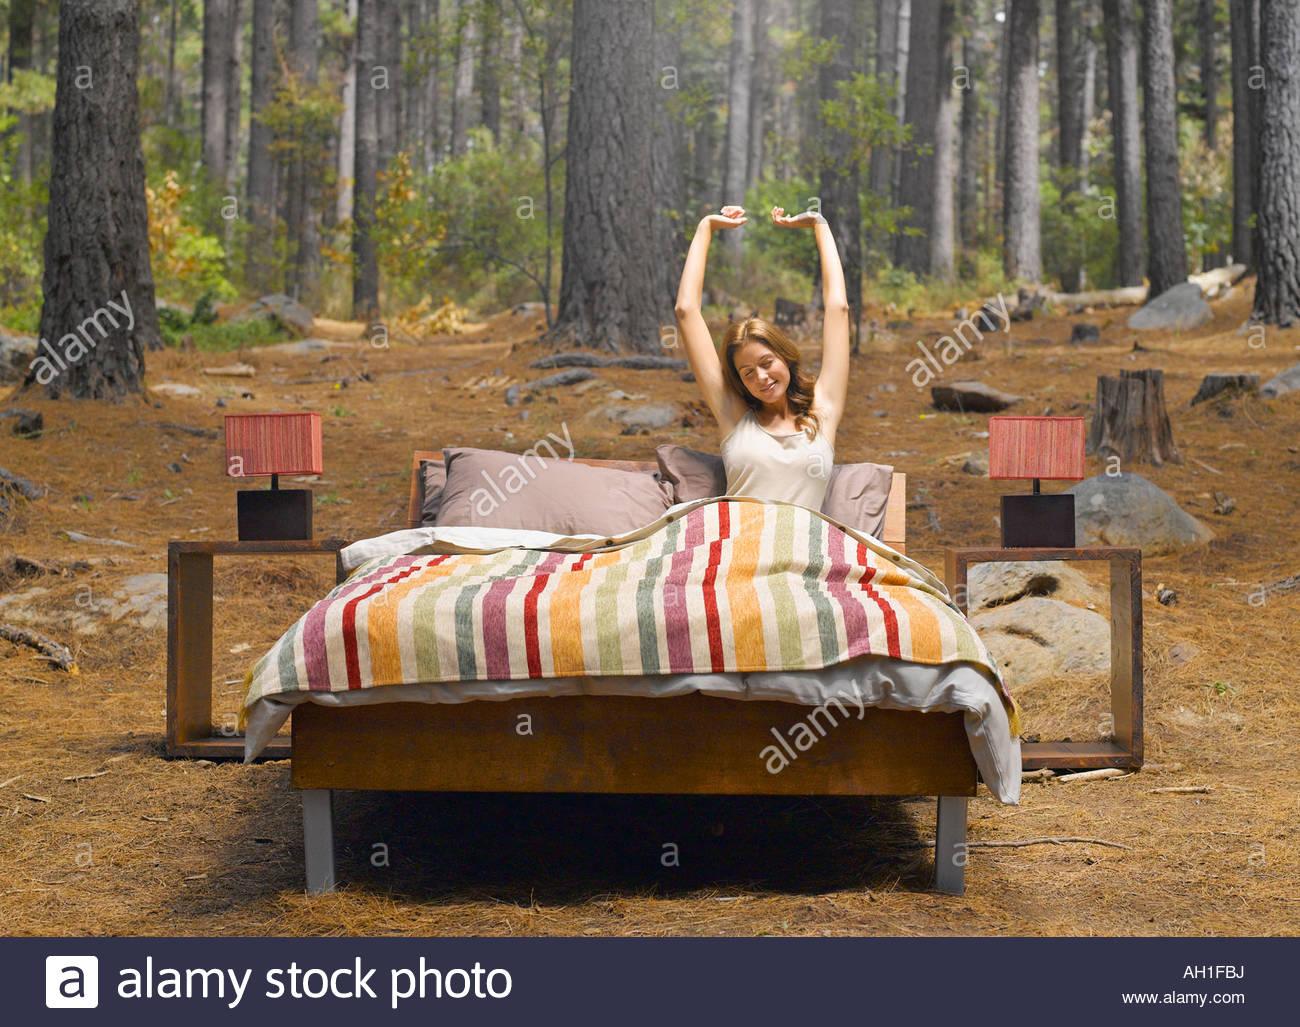 Una donna lo stiro in un letto all'aperto nel bosco Immagini Stock